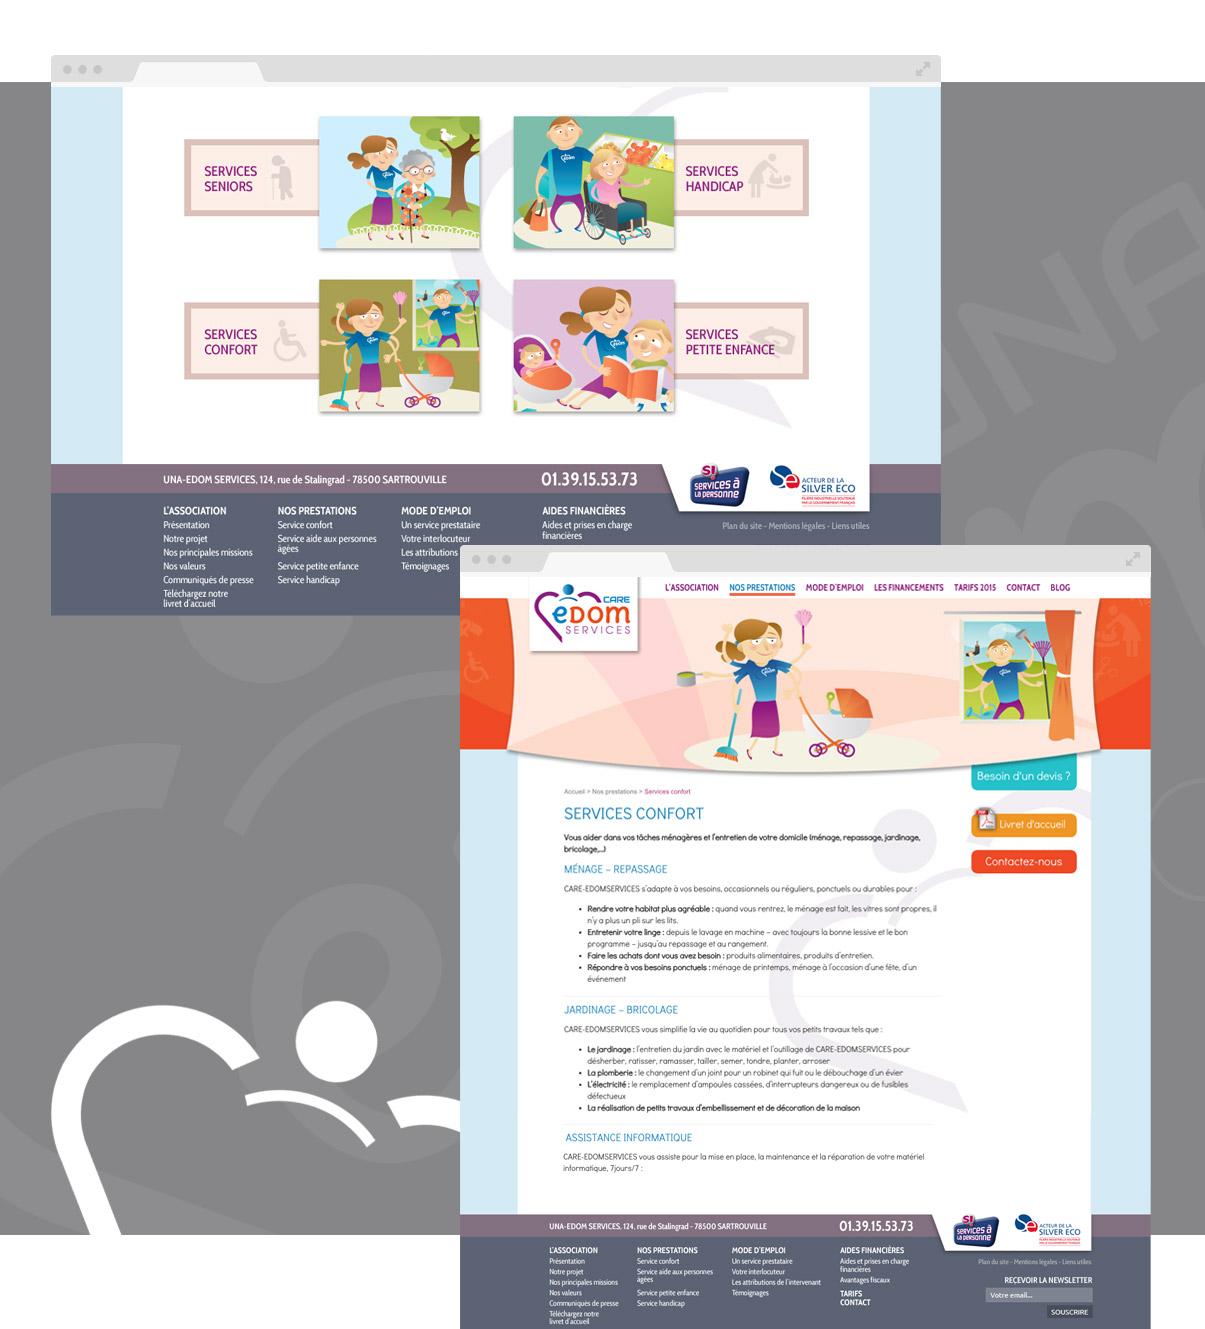 Una edom Service, site internet, Wordpress, direction de création, web design, services à la personne, aide à domicile…